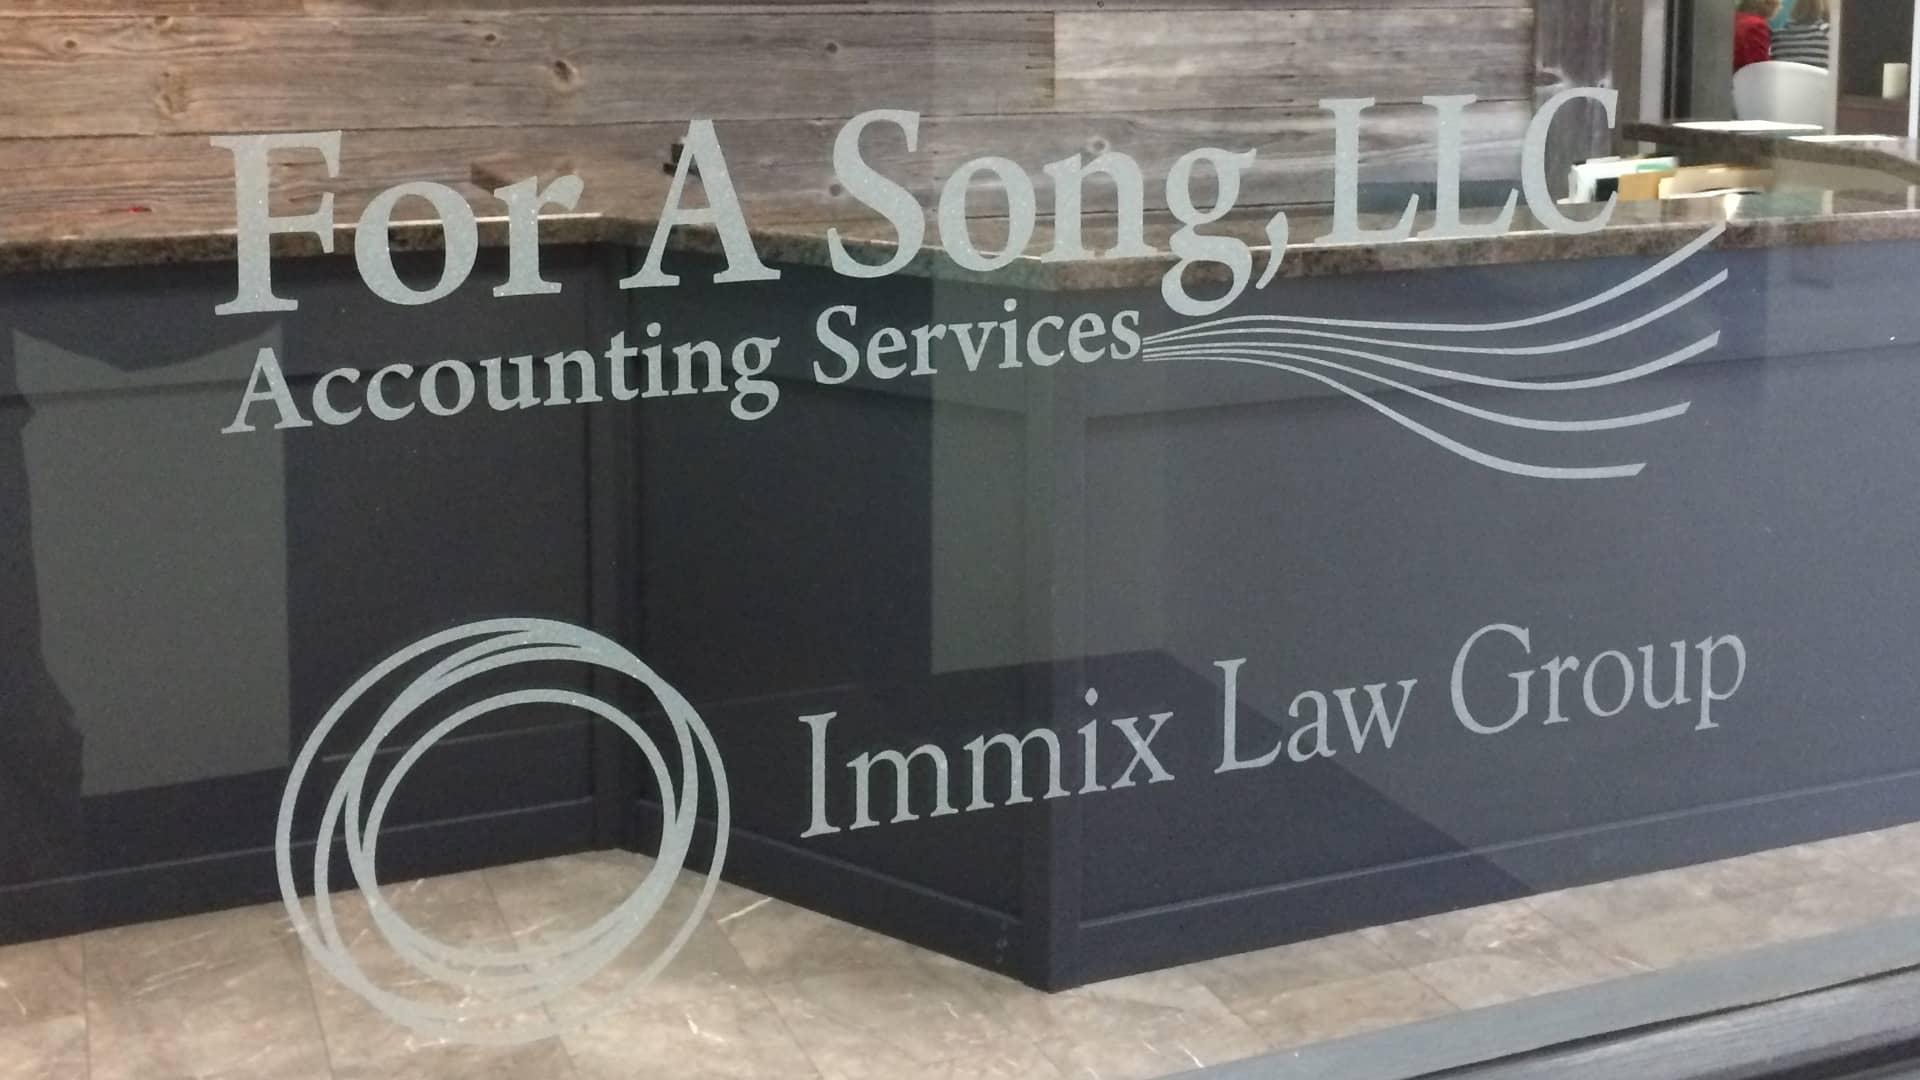 vinyl window sign